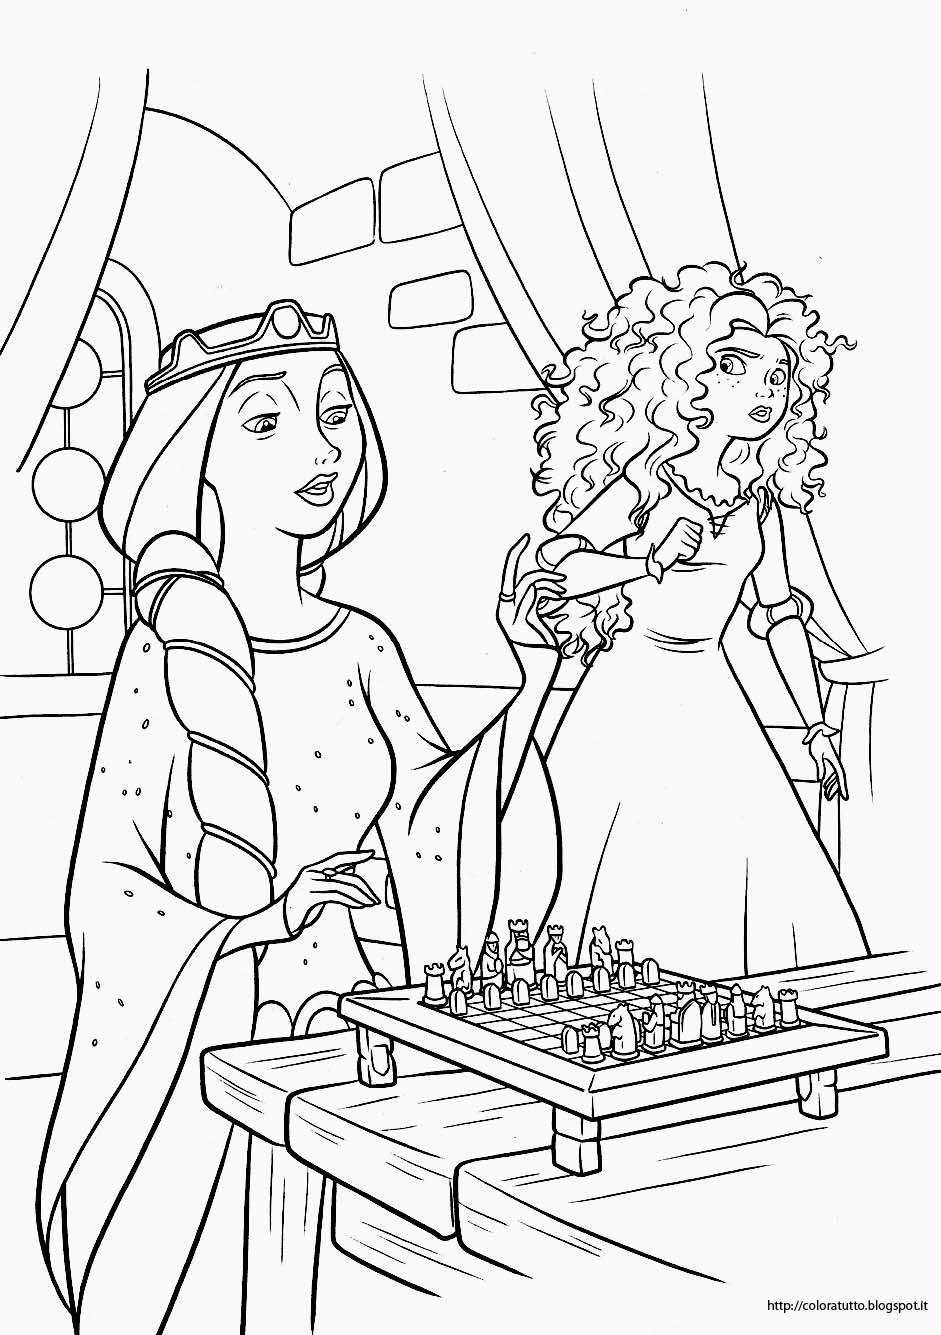 Ribelle The Brave disegno da colorare n.3